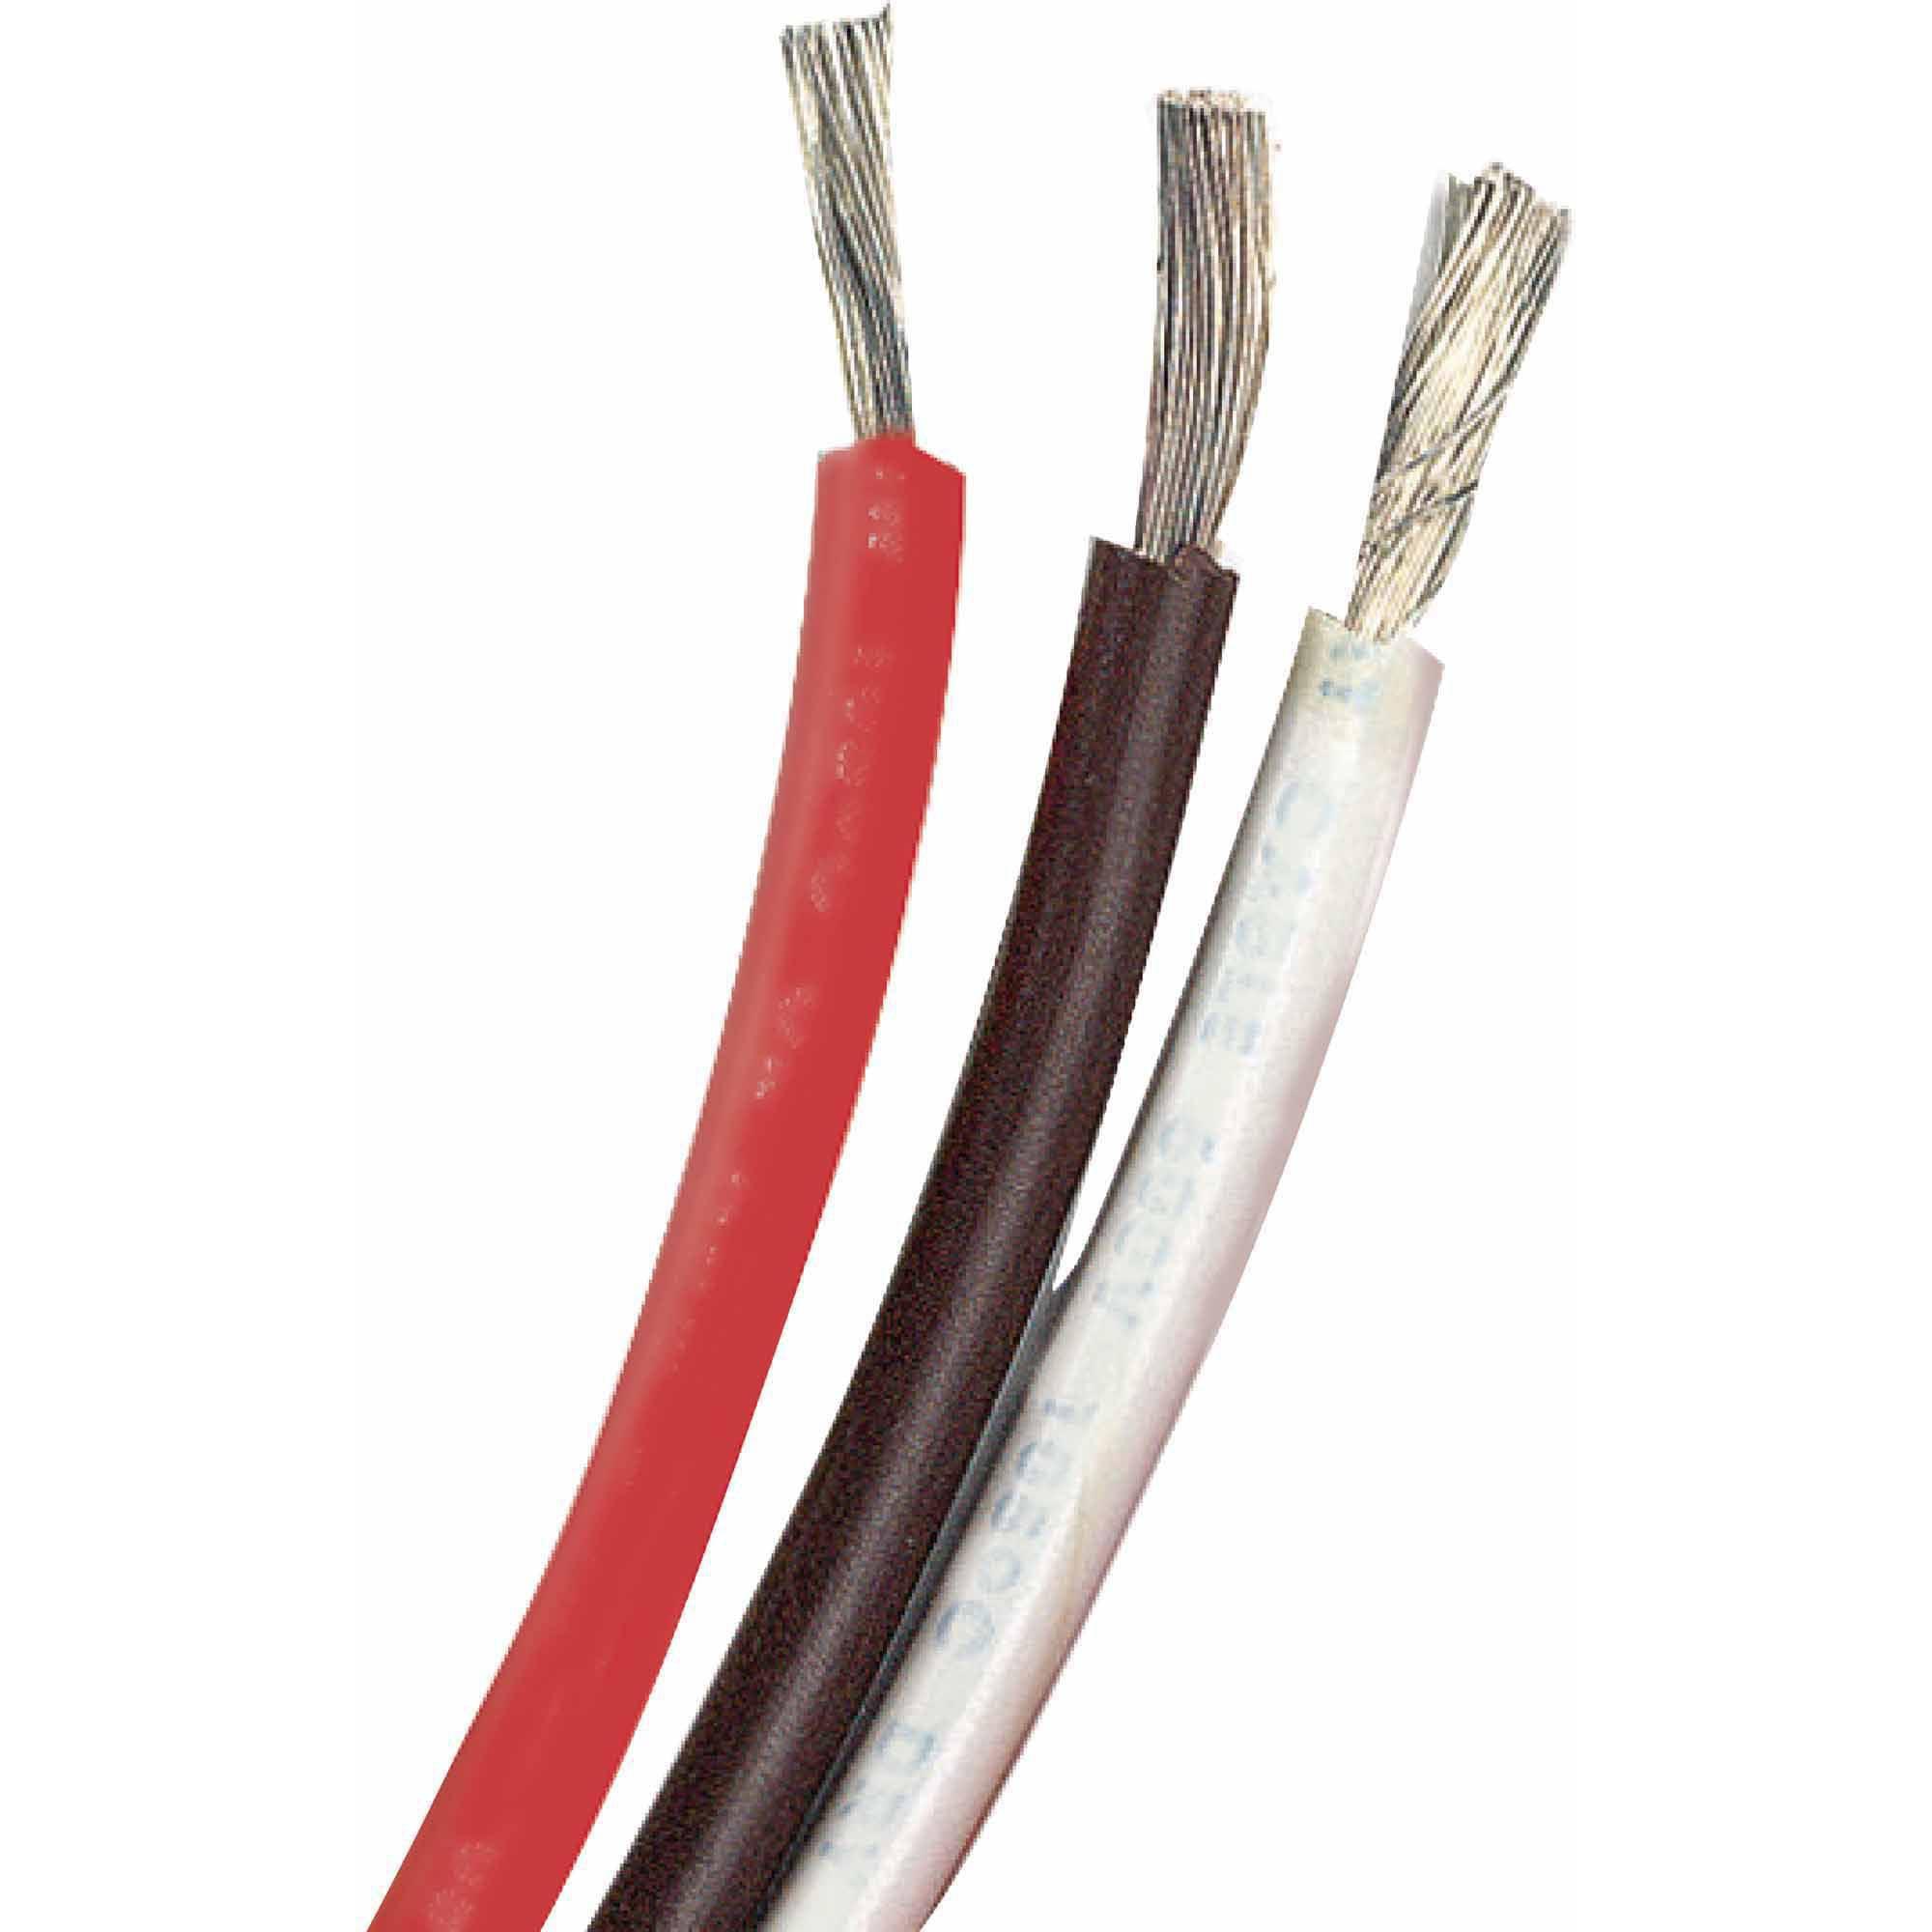 Ancor Marine Grade Tinned Copper Primary Wire, 12 ga